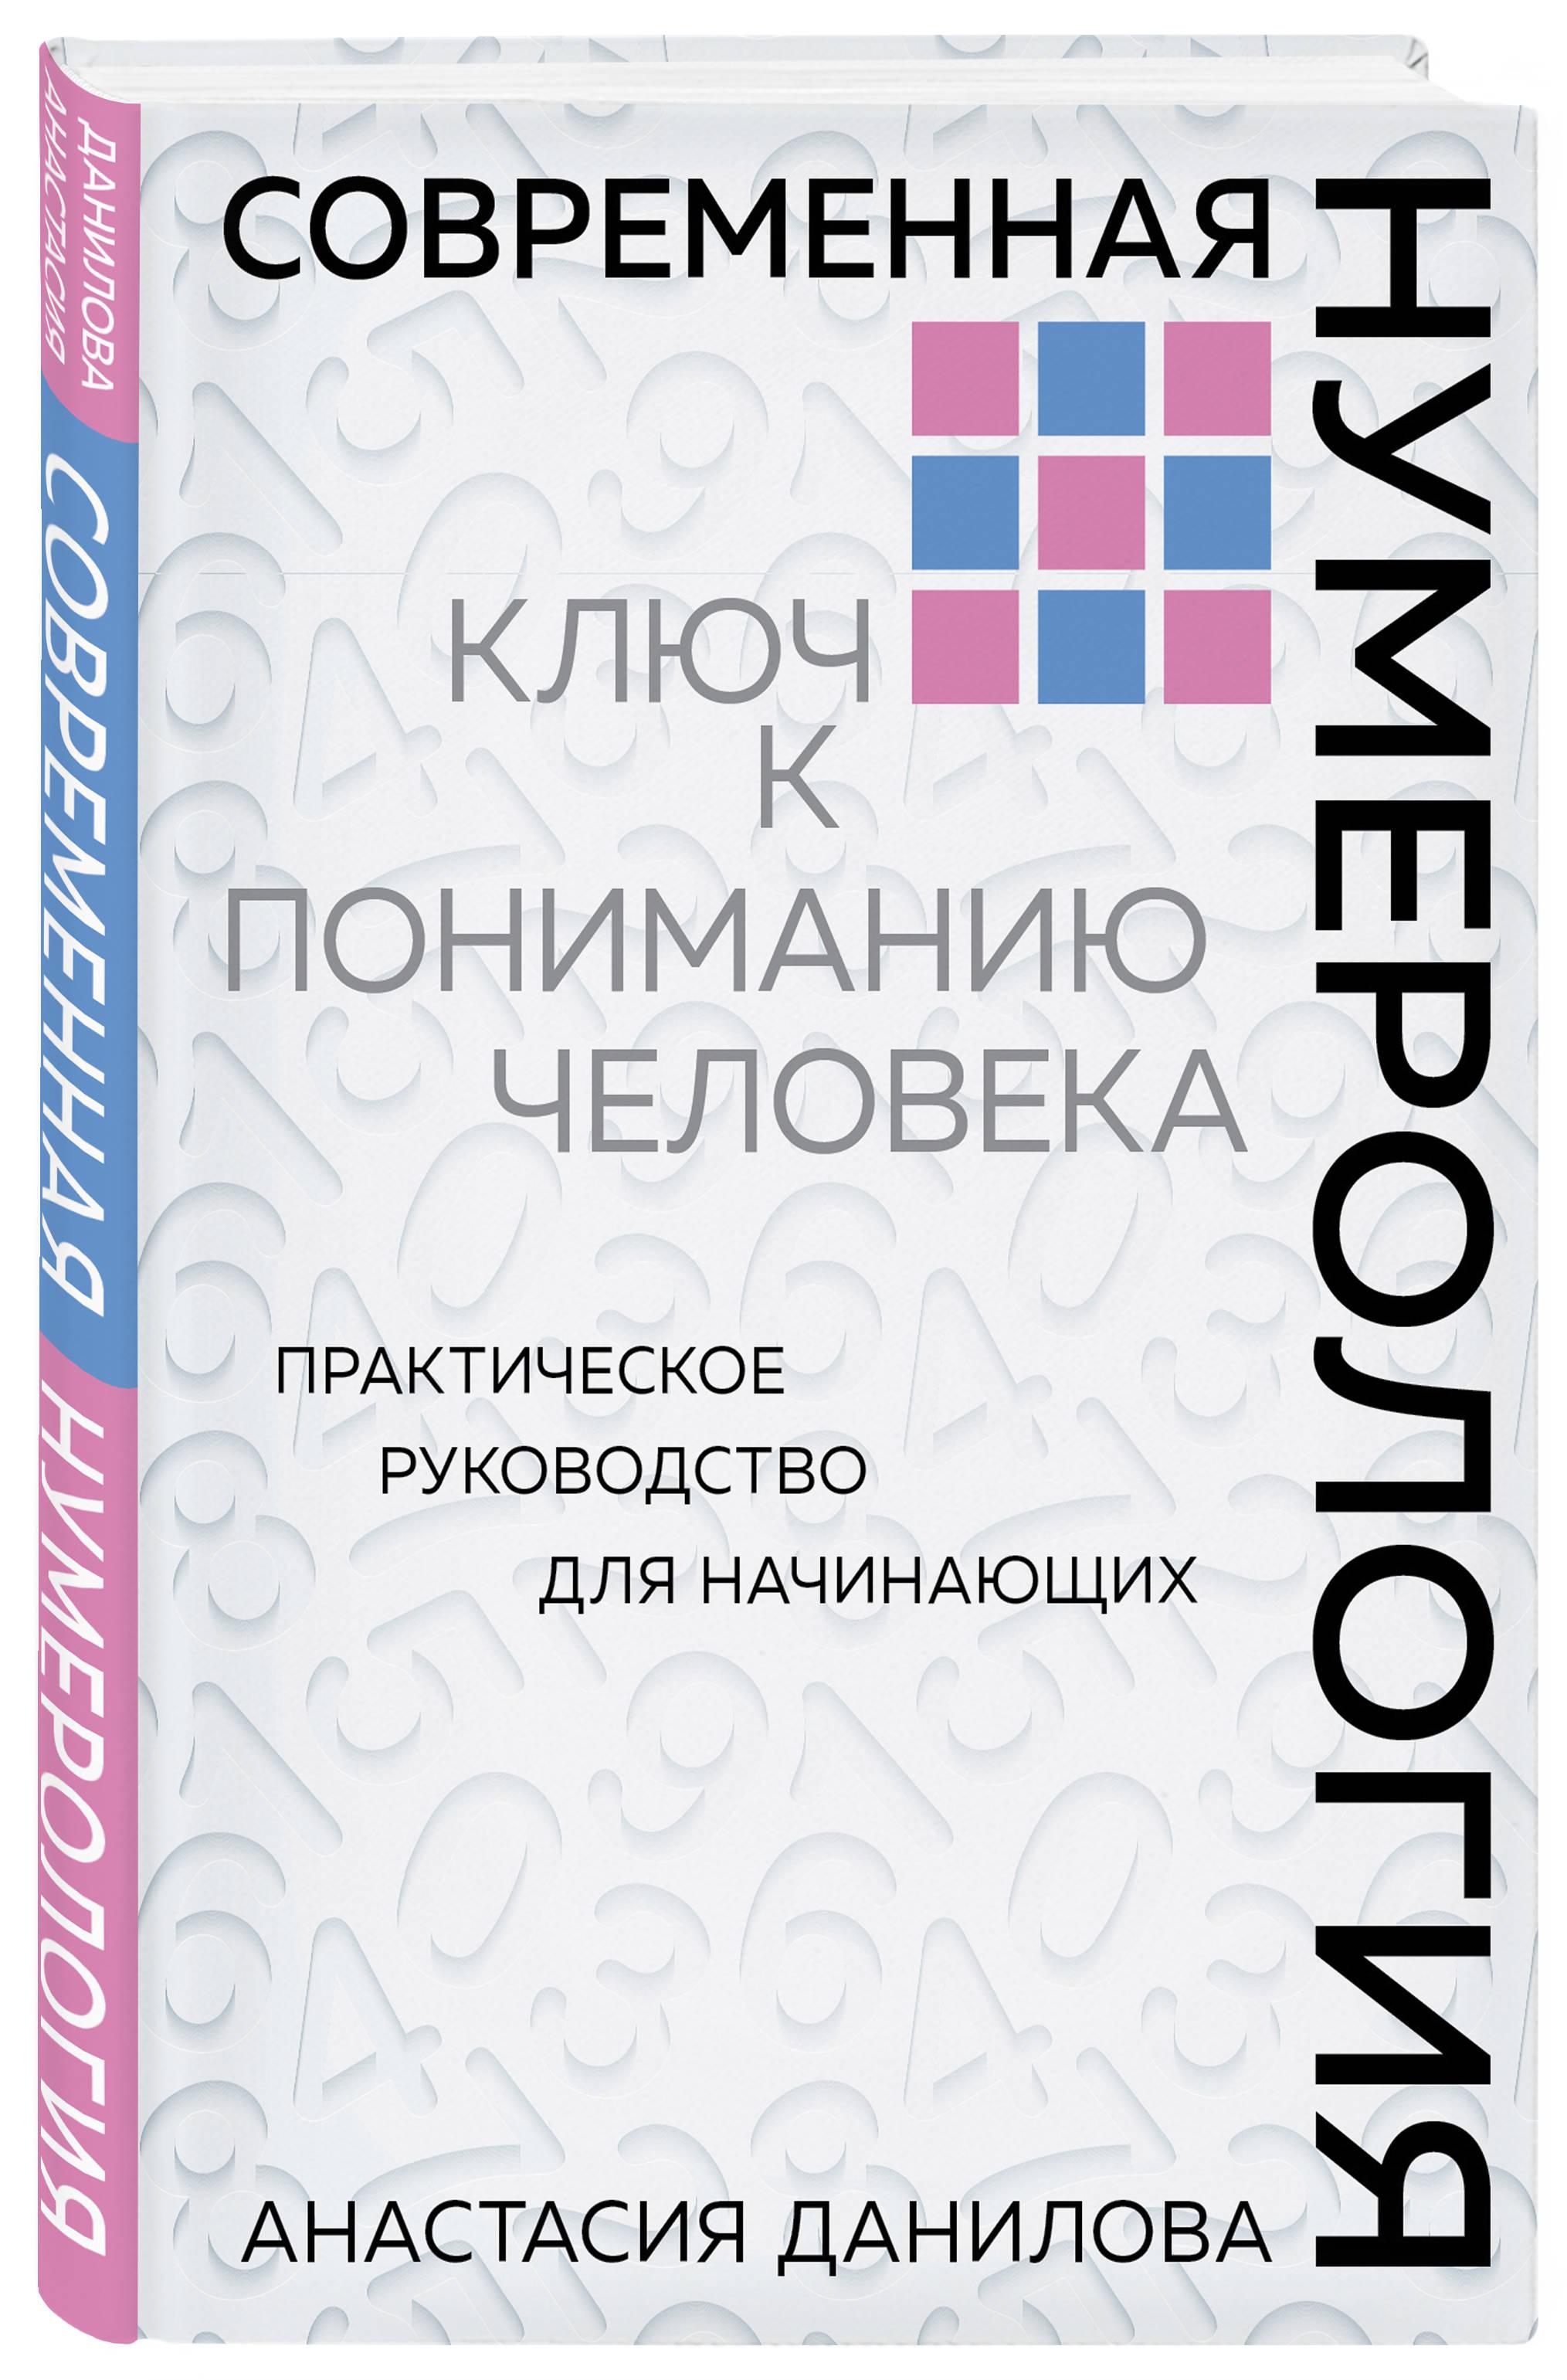 Современная нумерология ( Данилова Анастасия Алексеевна  )